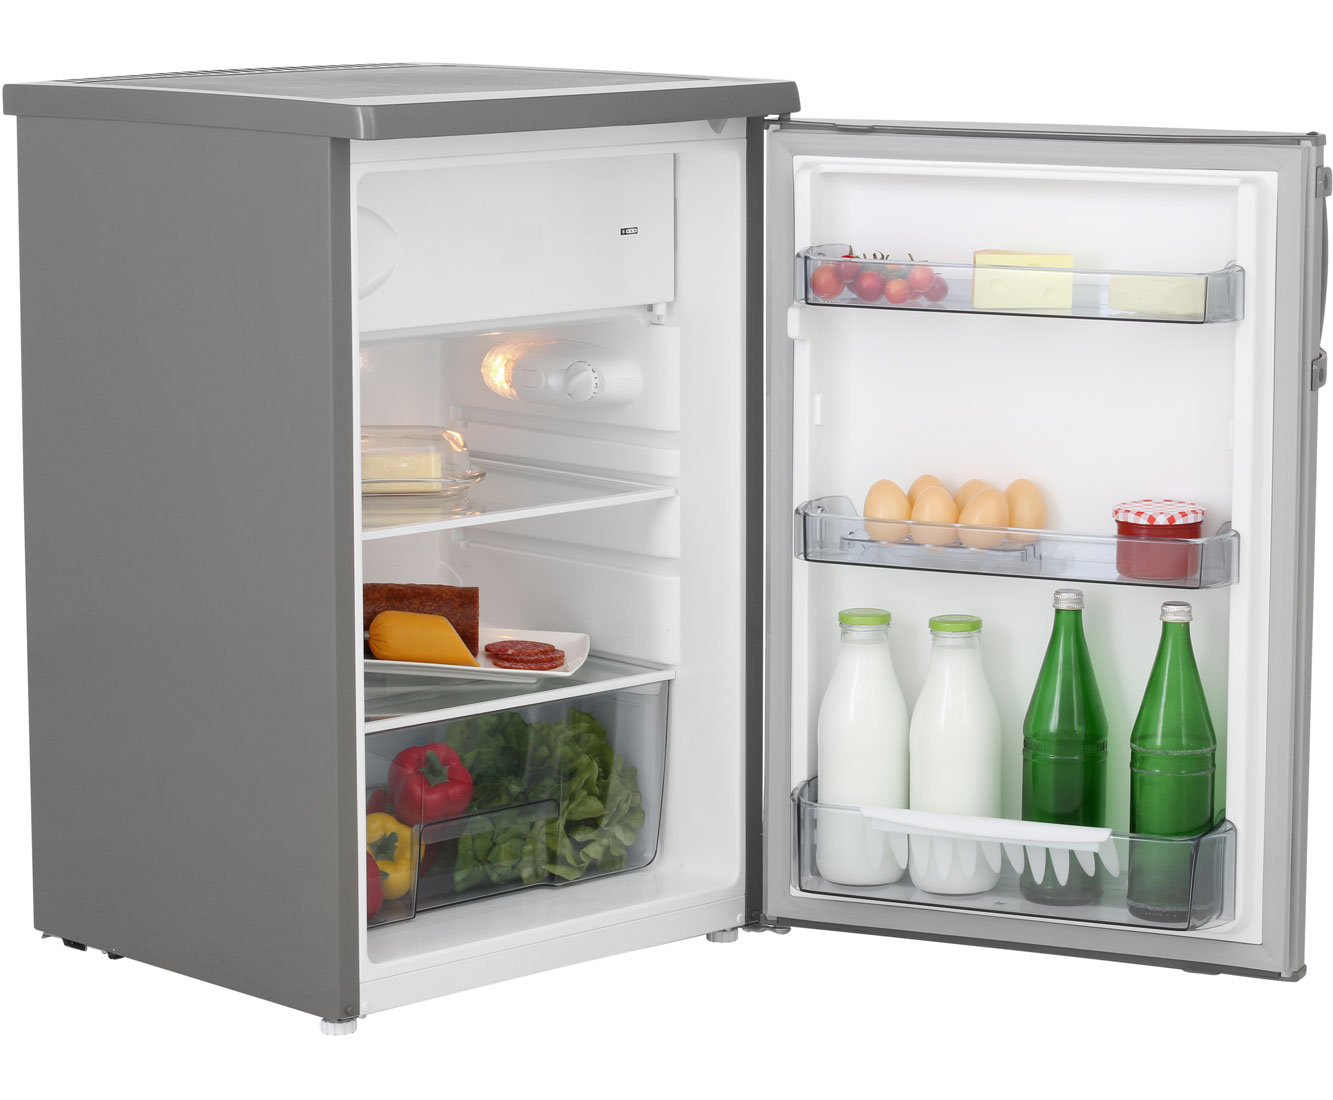 Kühlschrank A : Kühlschrank a in berlin ebay kleinanzeigen